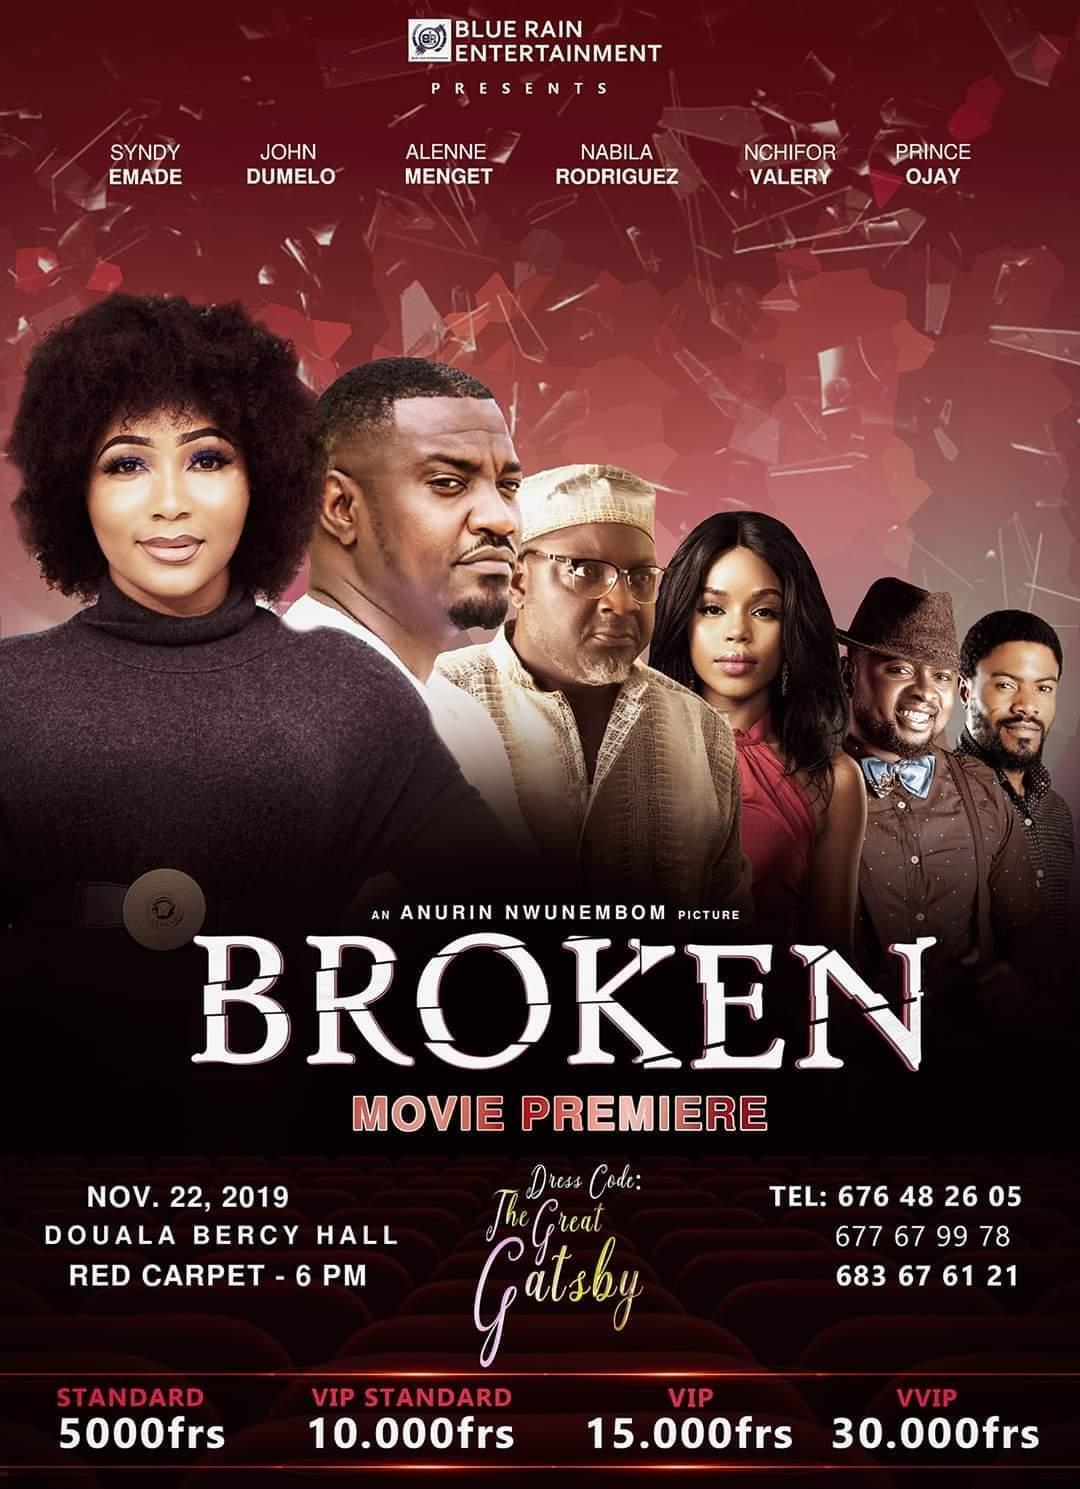 Broken Movie Premiere